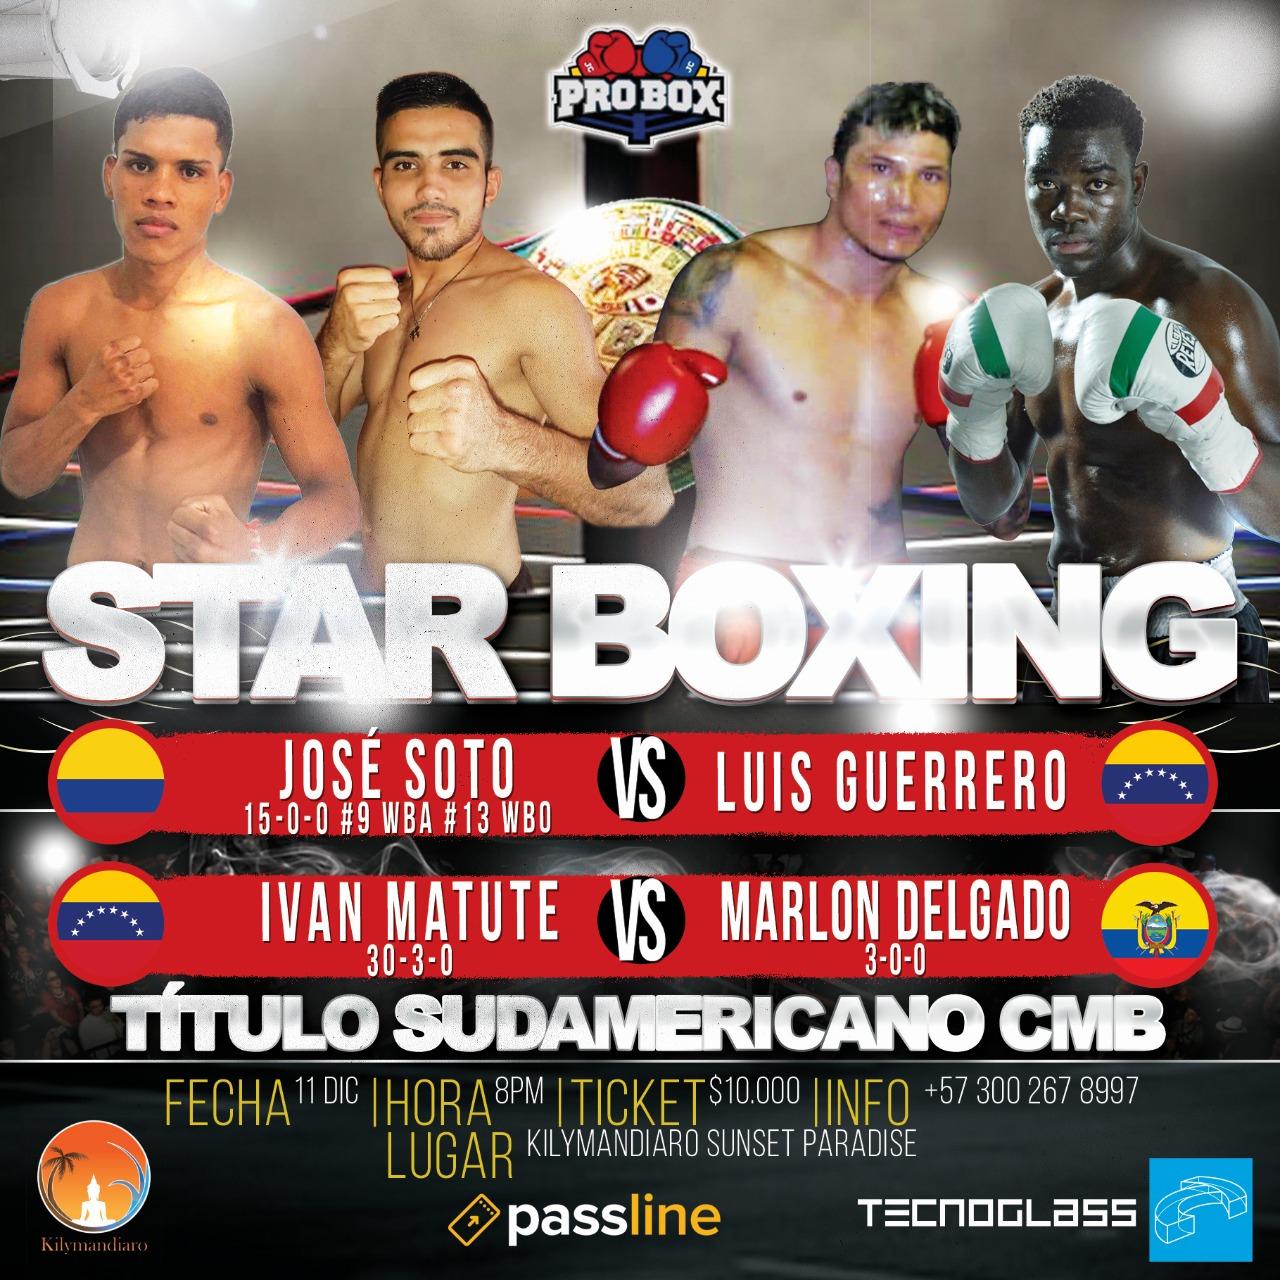 Dos peleas de título sudamericano en Barranquilla